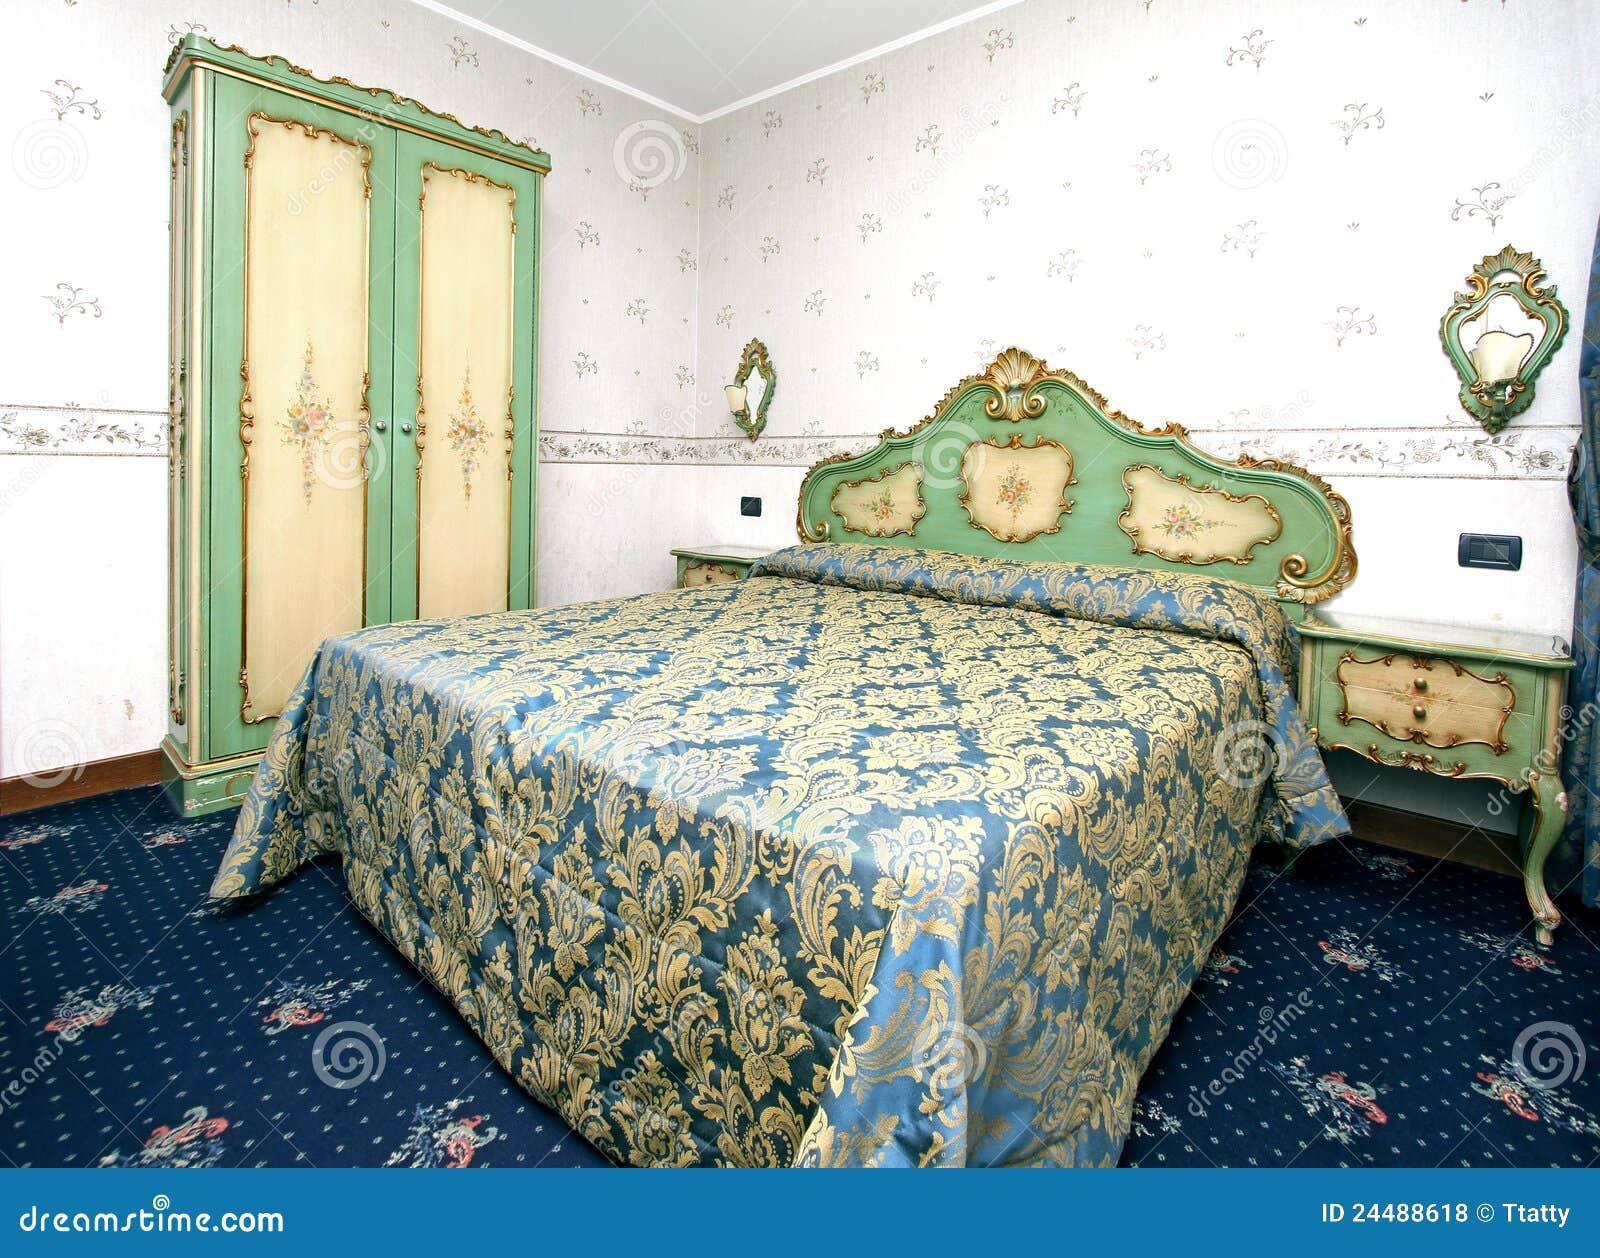 Chambre coucher baroque photos libres de droits image for Chambre a coucher baroque